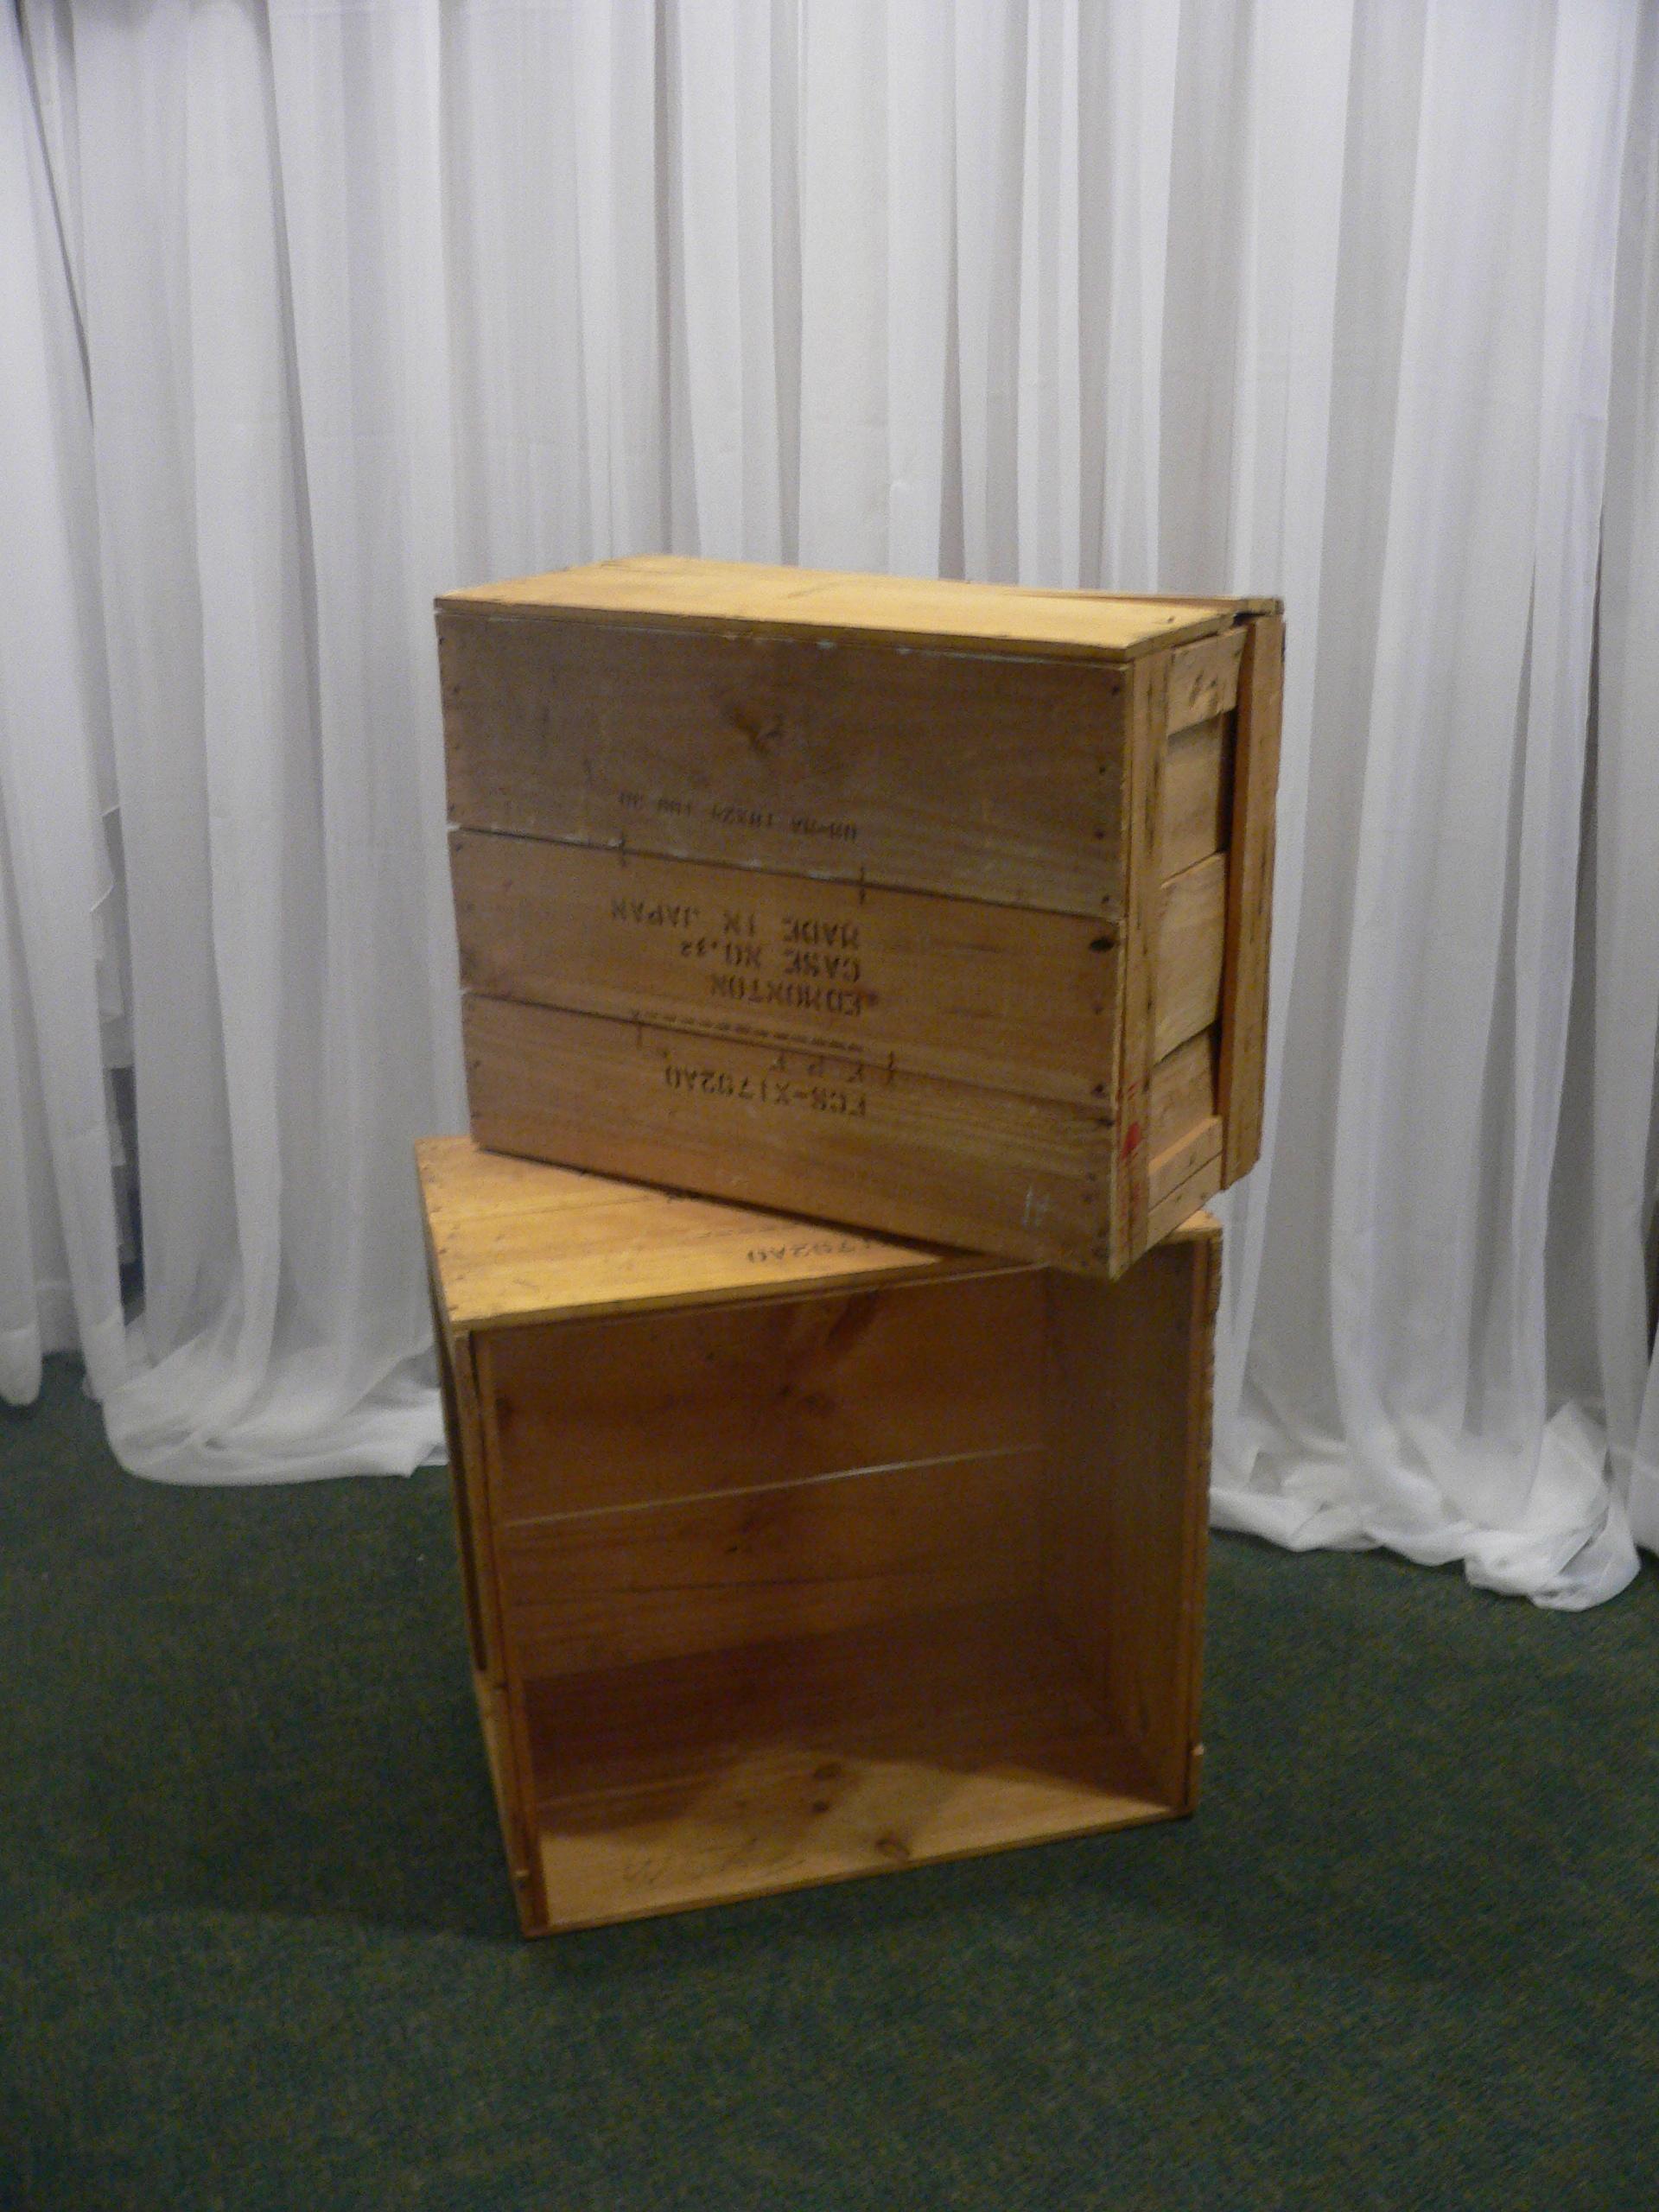 Rustic Wood Crates